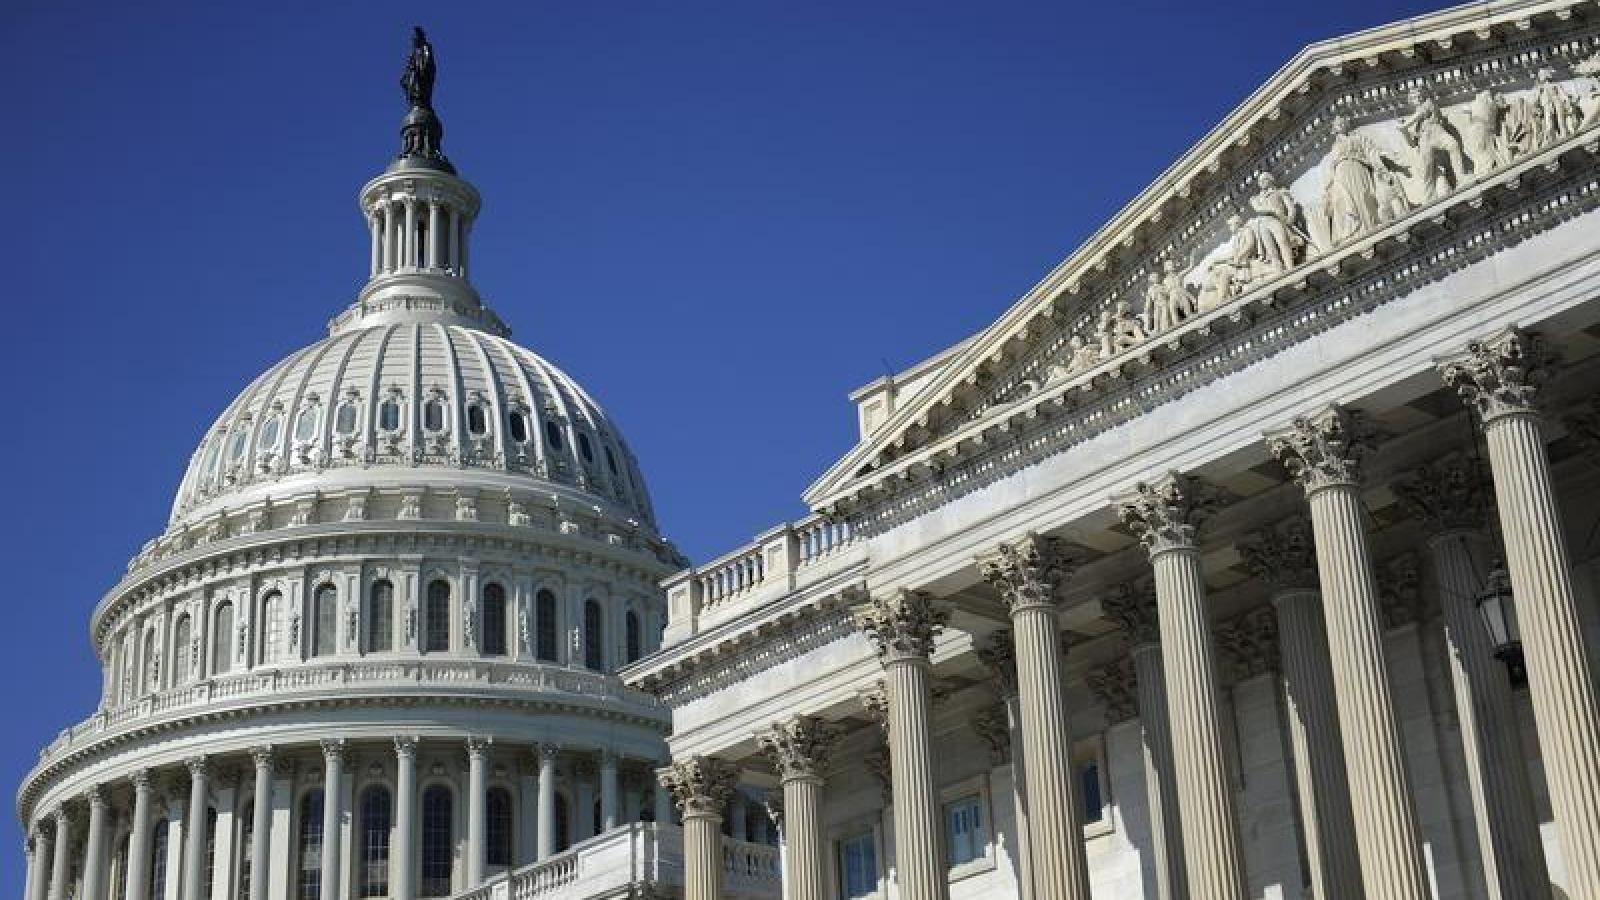 Thượng viện Mỹ thông qua thỏa thuận chia sẻ quyền lực giữa đảng Dân chủ và Cộng hòa